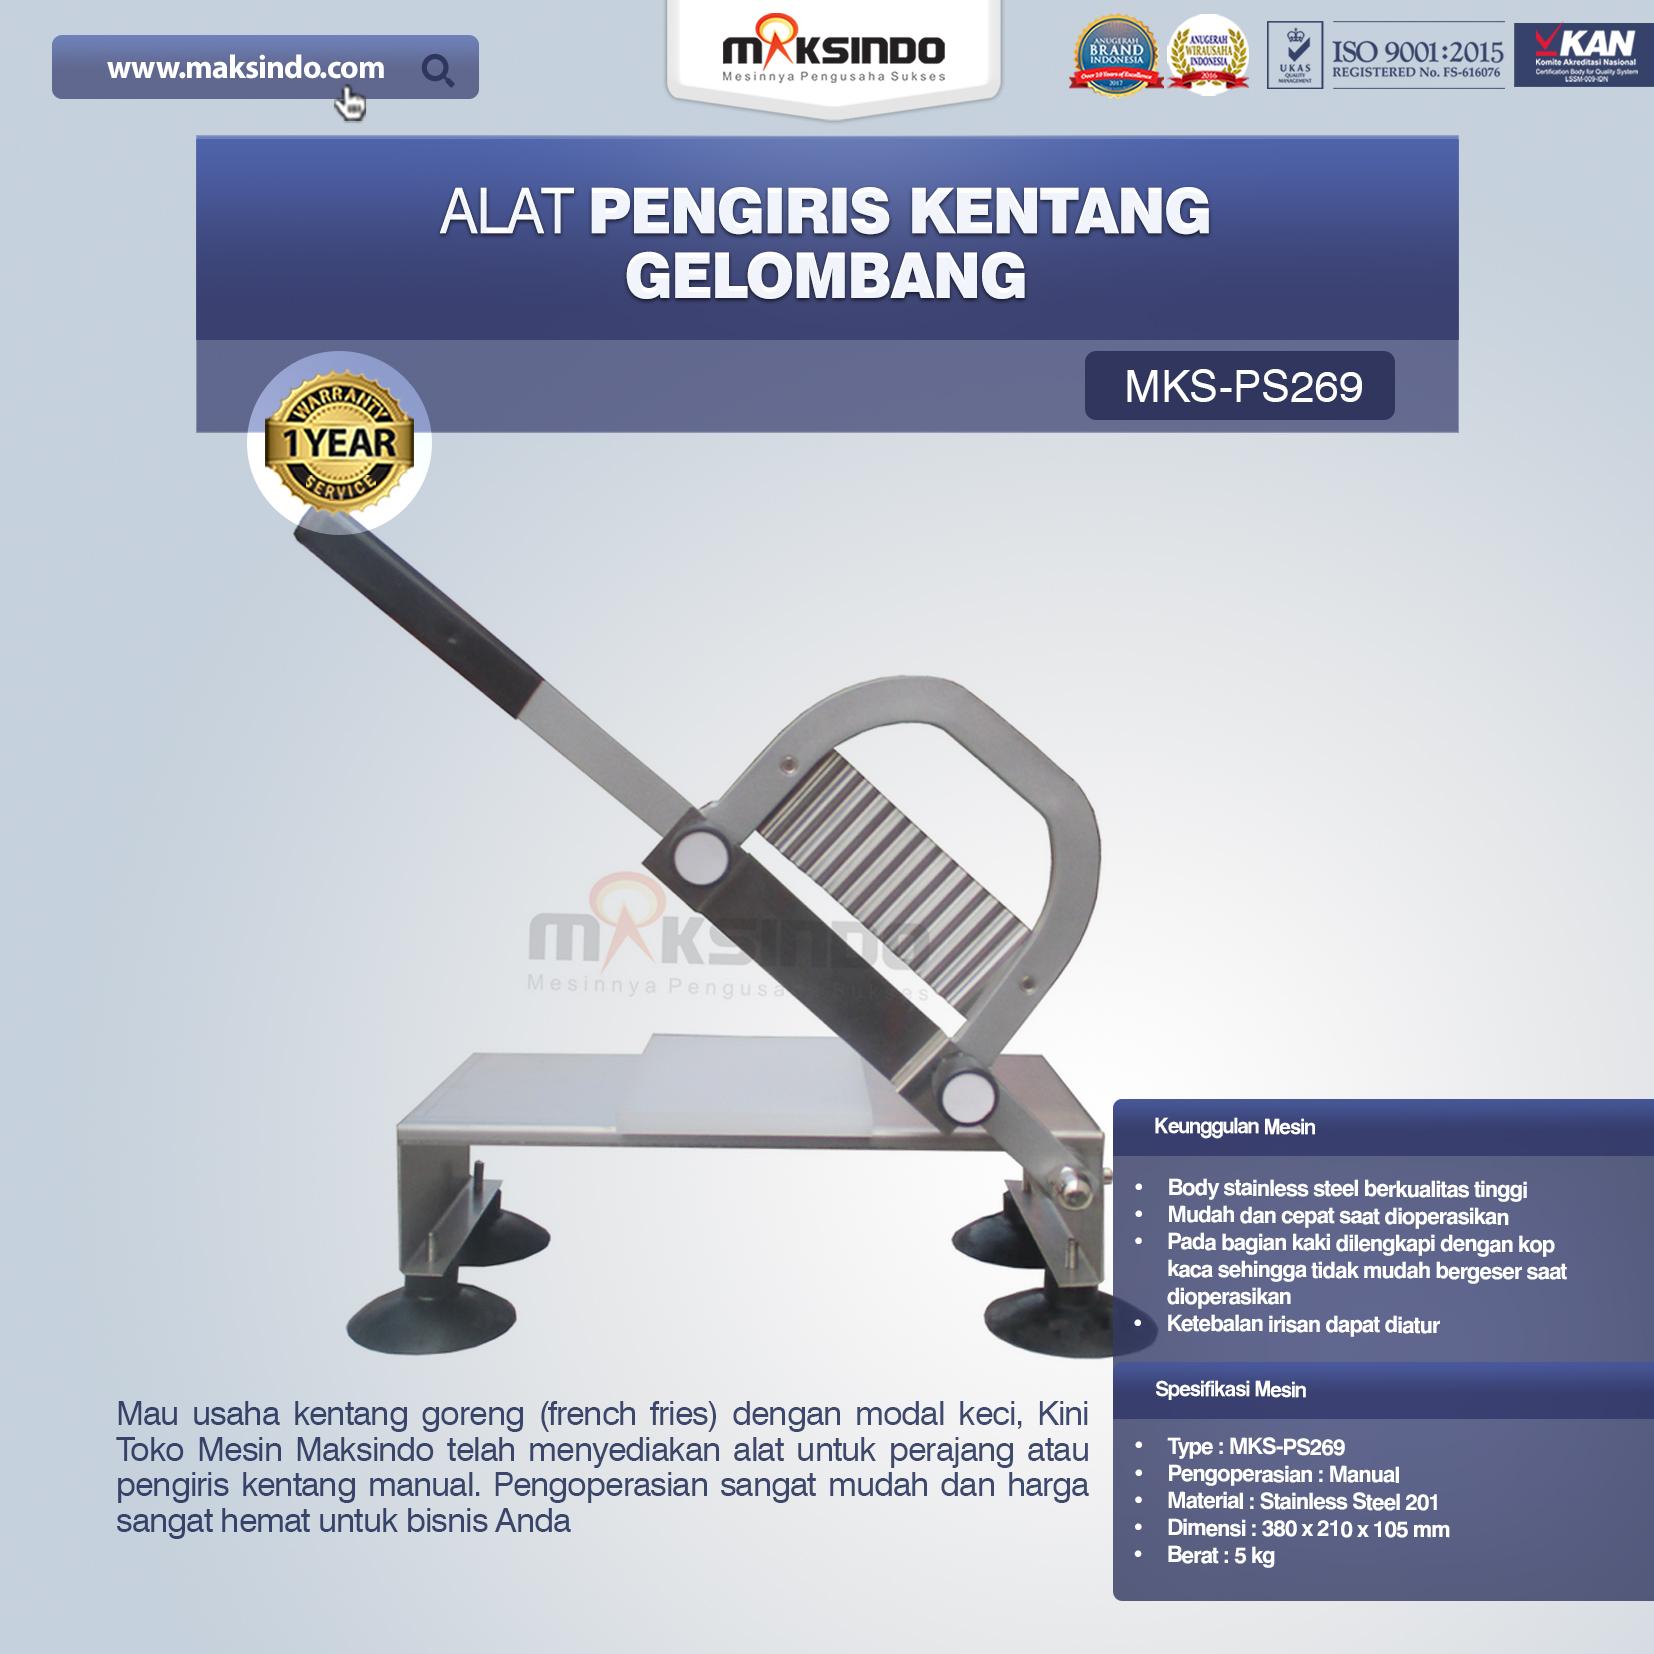 Jual Alat Pengiris Kentang Gelombang MKS-PS269 di Bogor